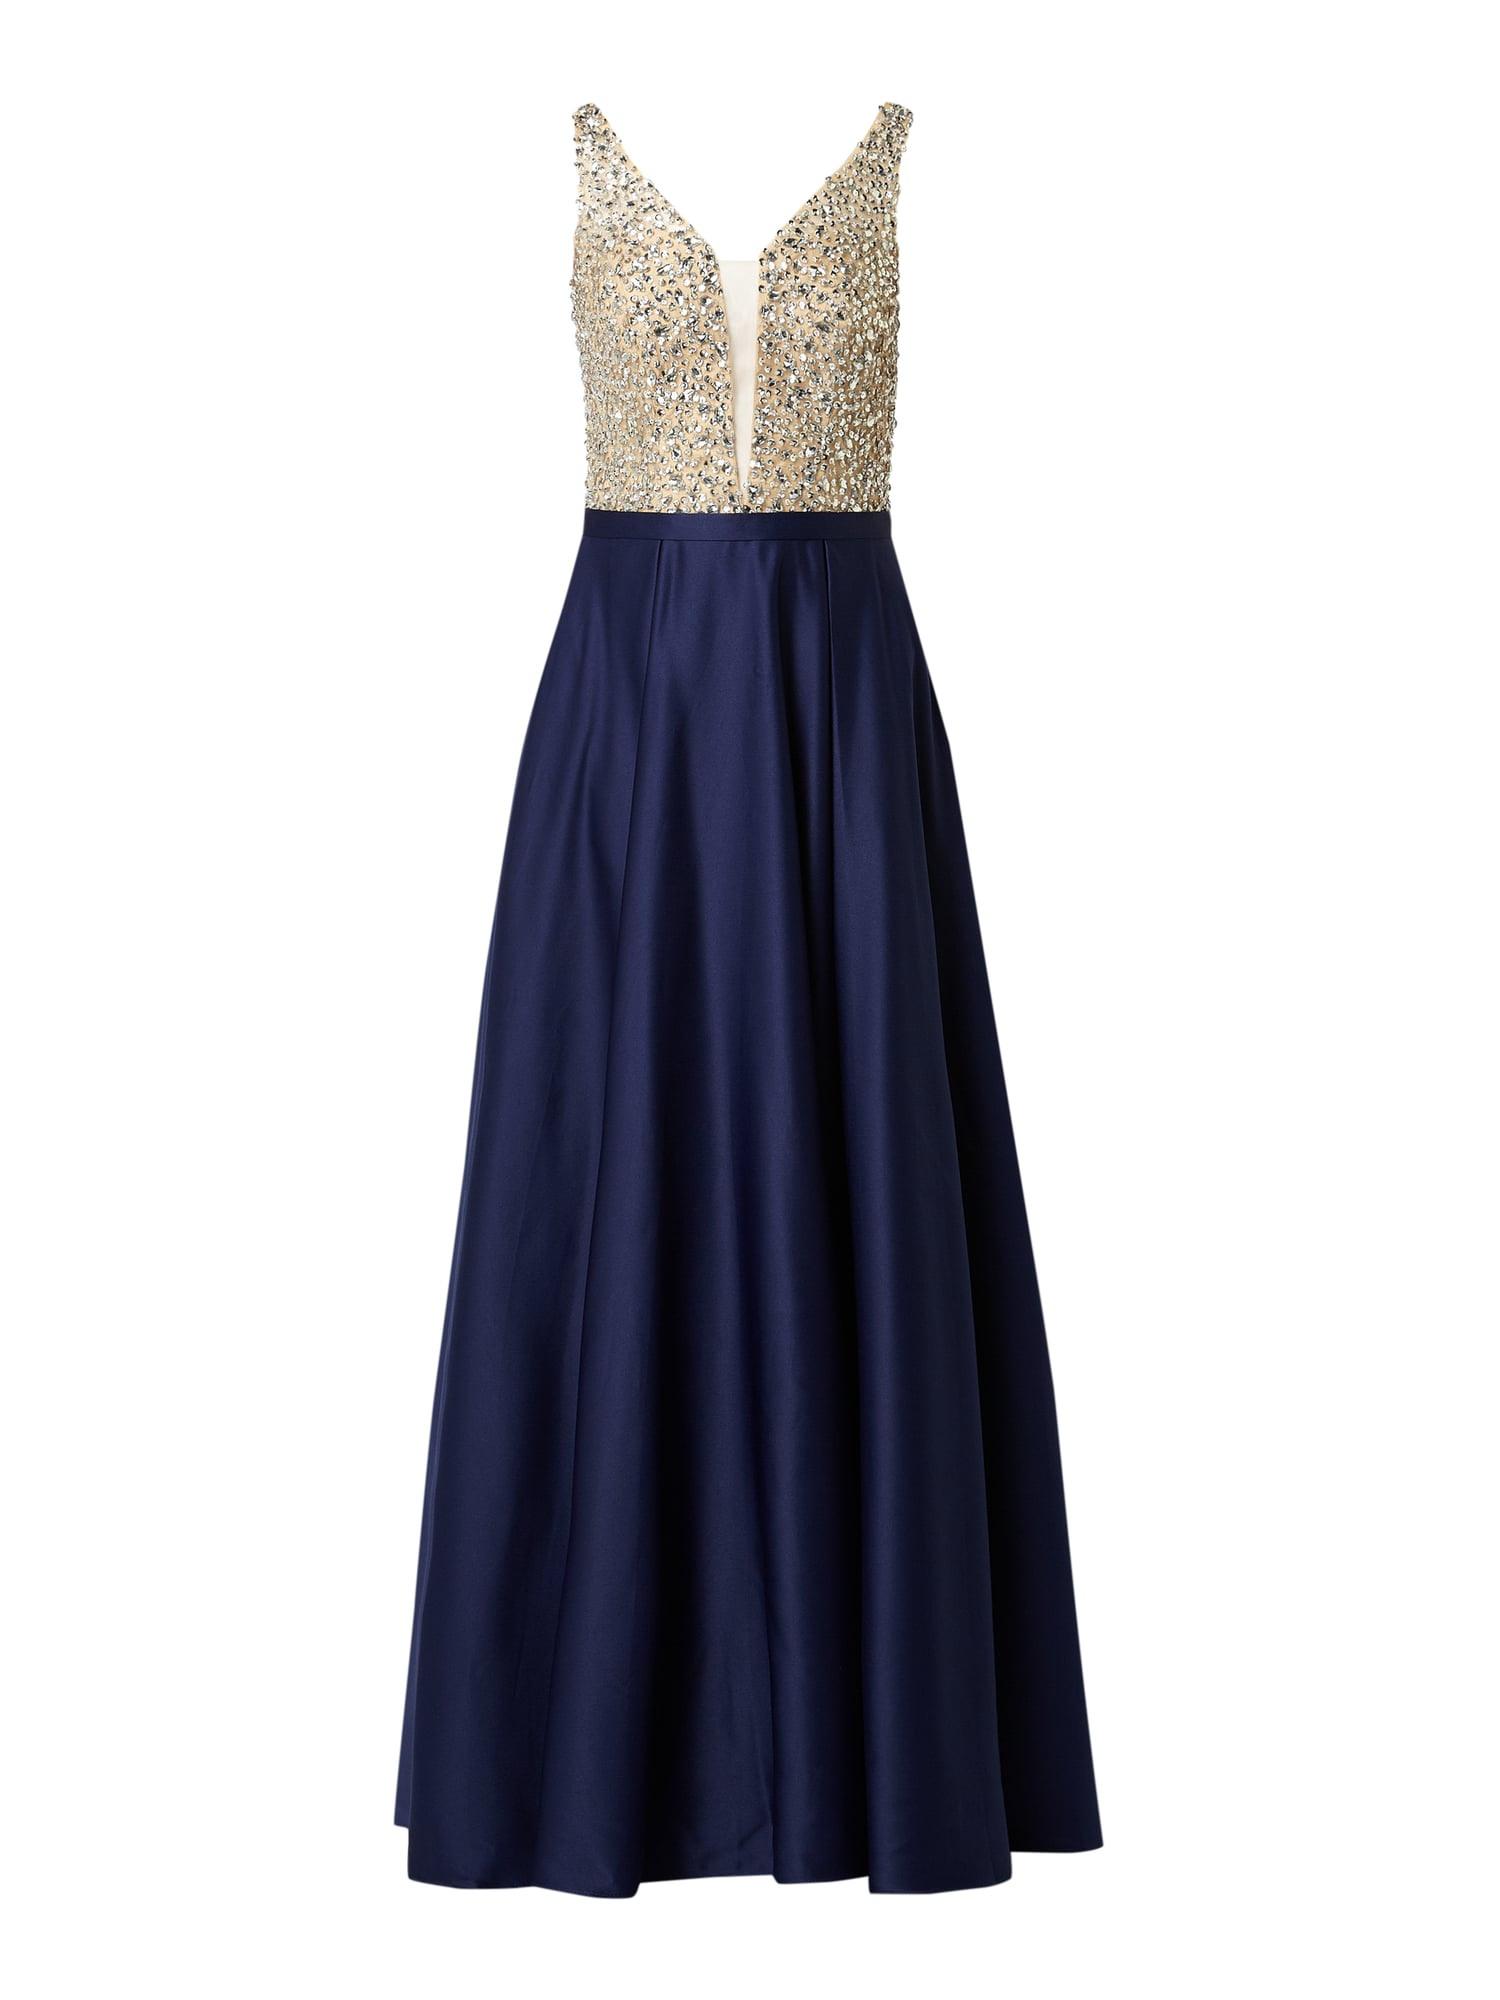 20 Ausgezeichnet P&C Abendkleid Dunkelblau Bester Preis13 Spektakulär P&C Abendkleid Dunkelblau Stylish